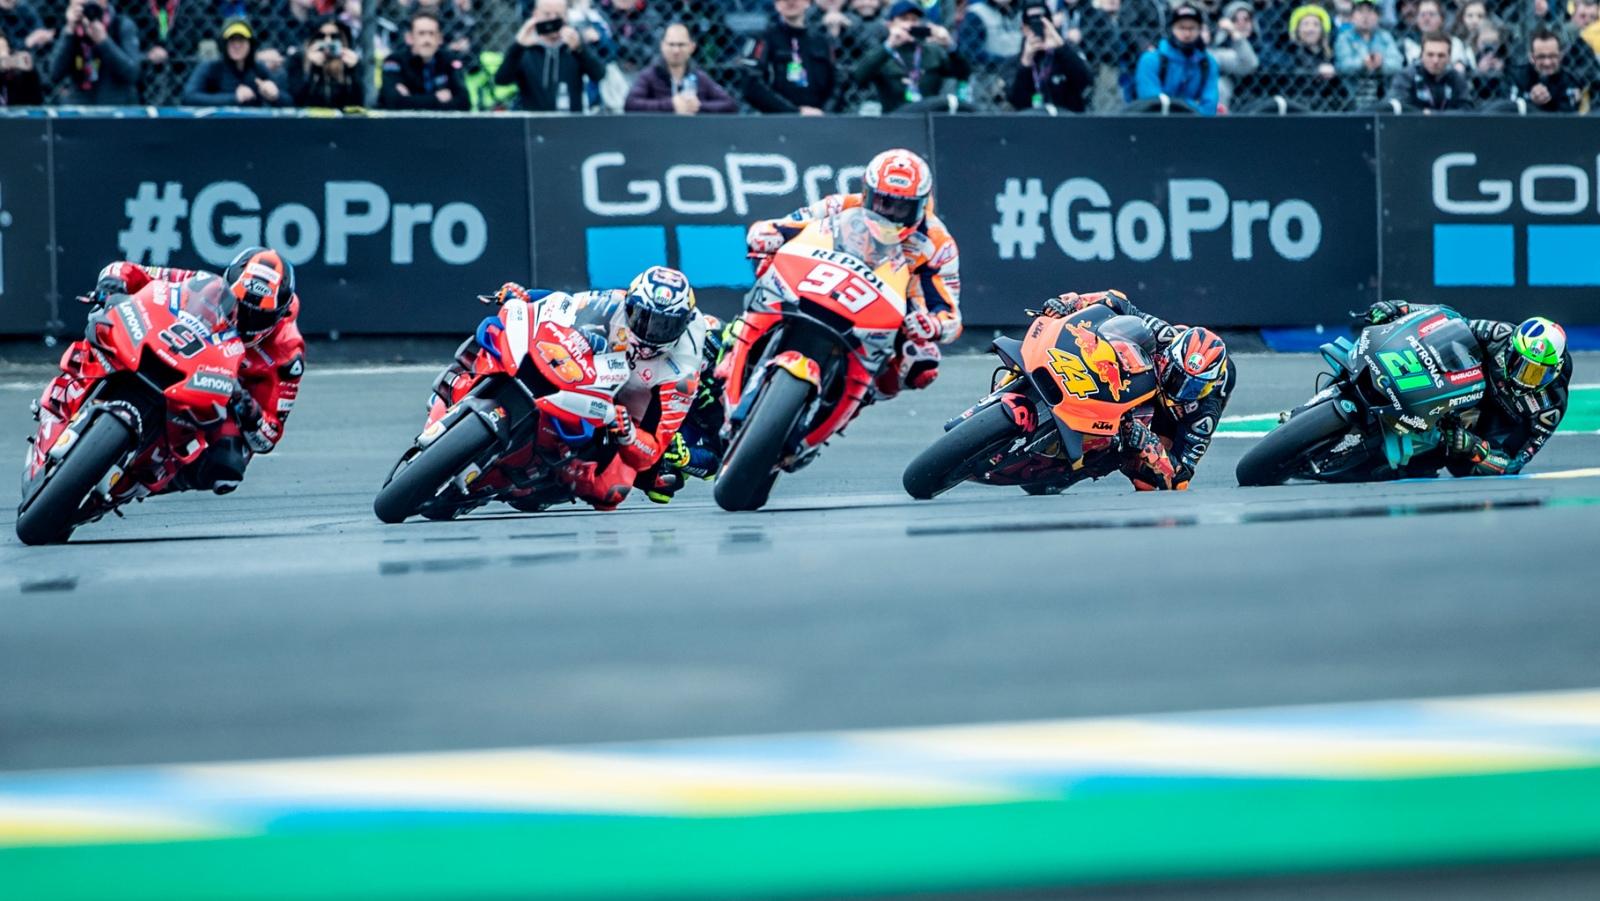 Píldoras MotoGP Francia 2019: Aprender a golpes, crear un pozo y tejer un colchón